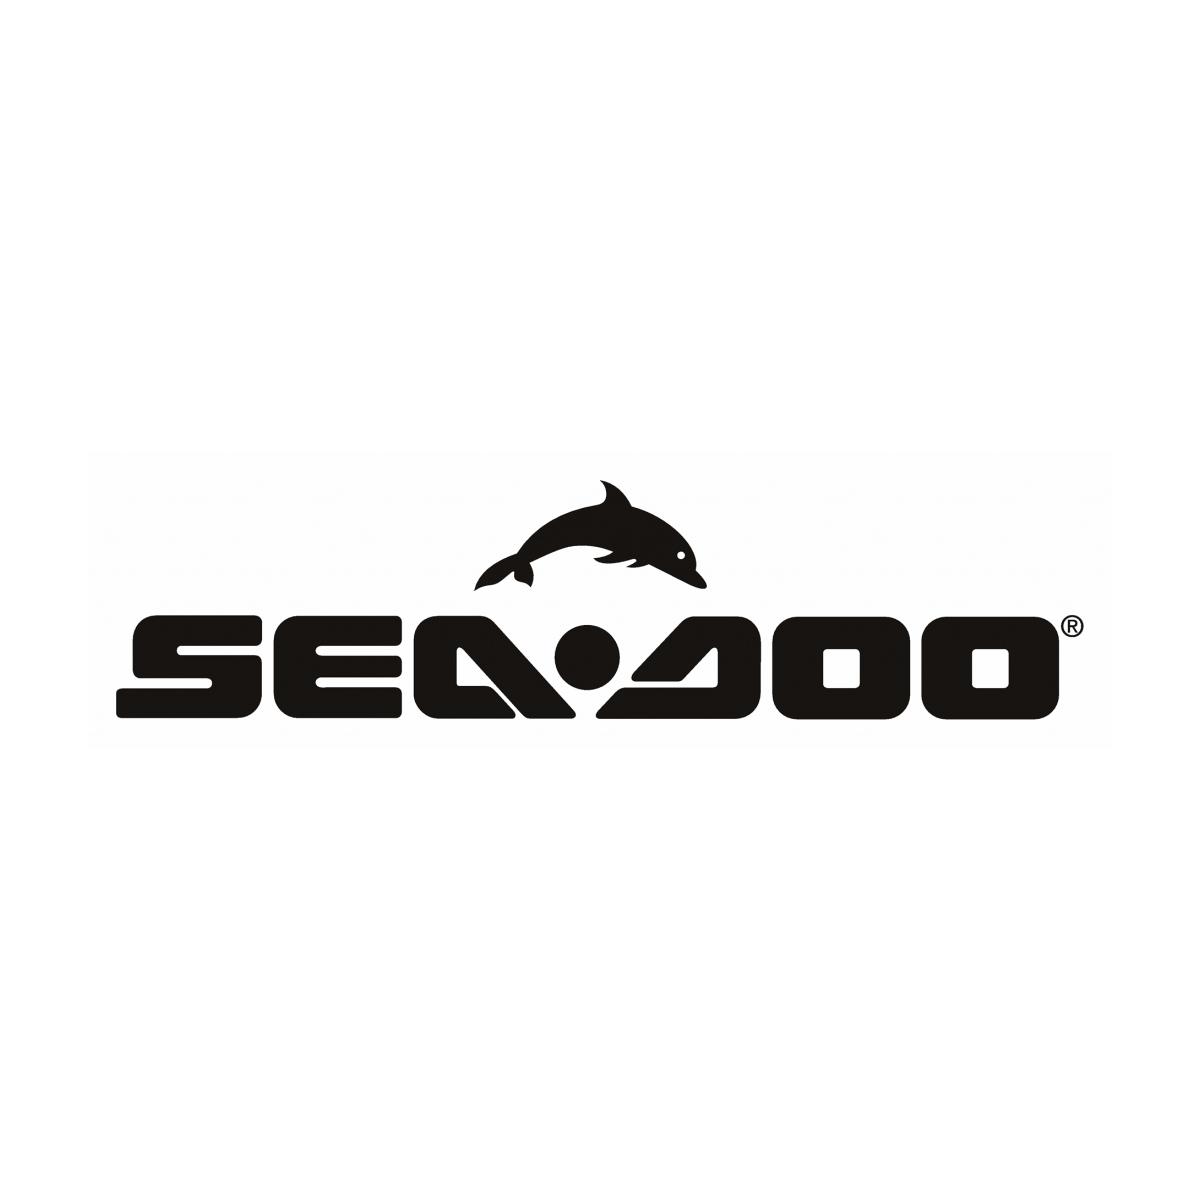 Biela para Jet Ski Sea Doo 580 CC  - Radical Peças - Peças para Jet Ski